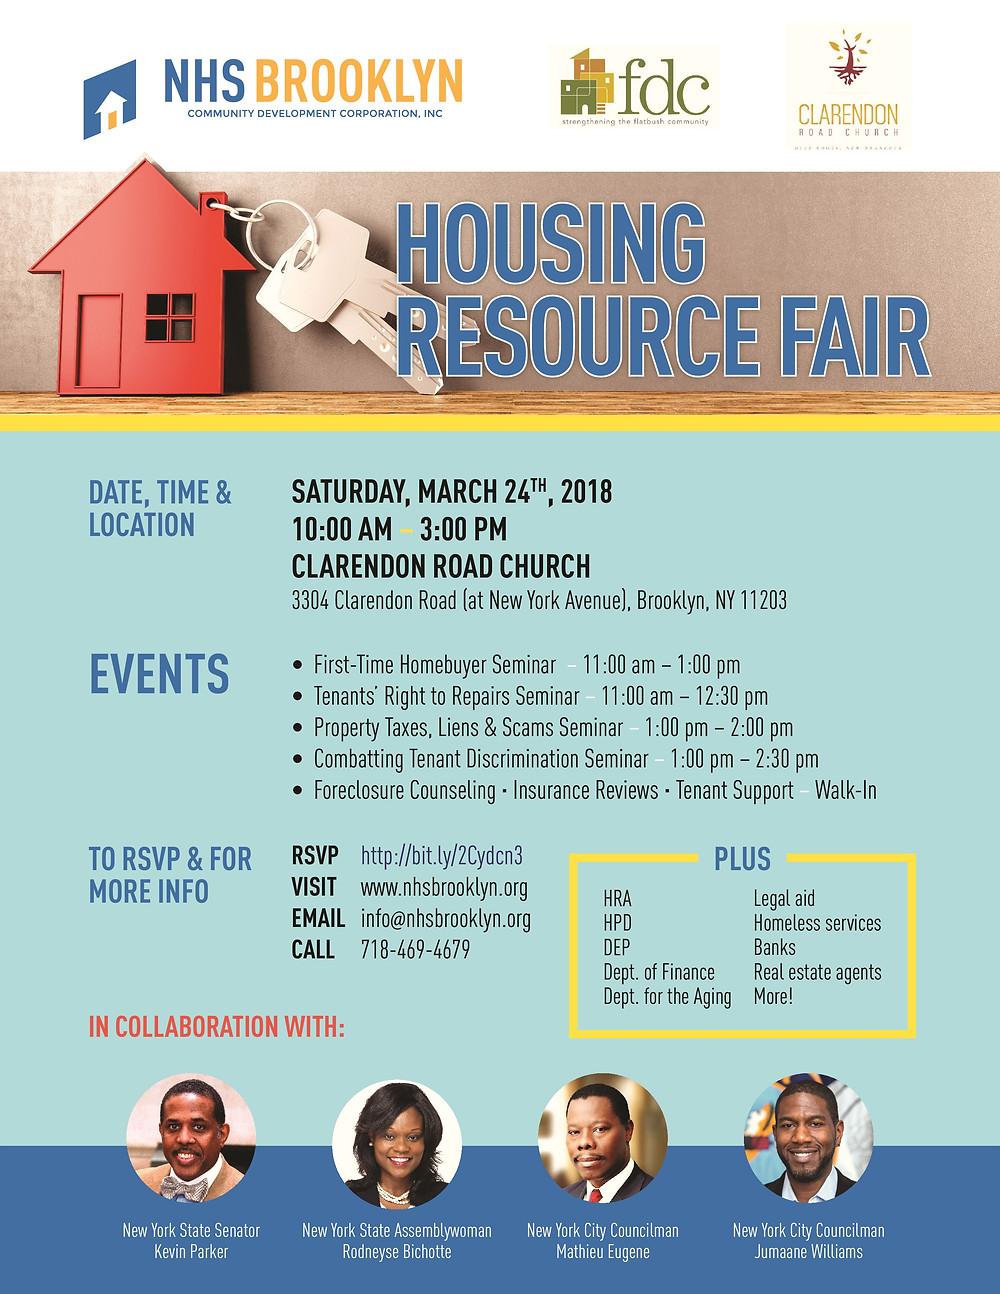 housing resource fair, NHS, Brooklyn, FDC, Clarendon Road Church